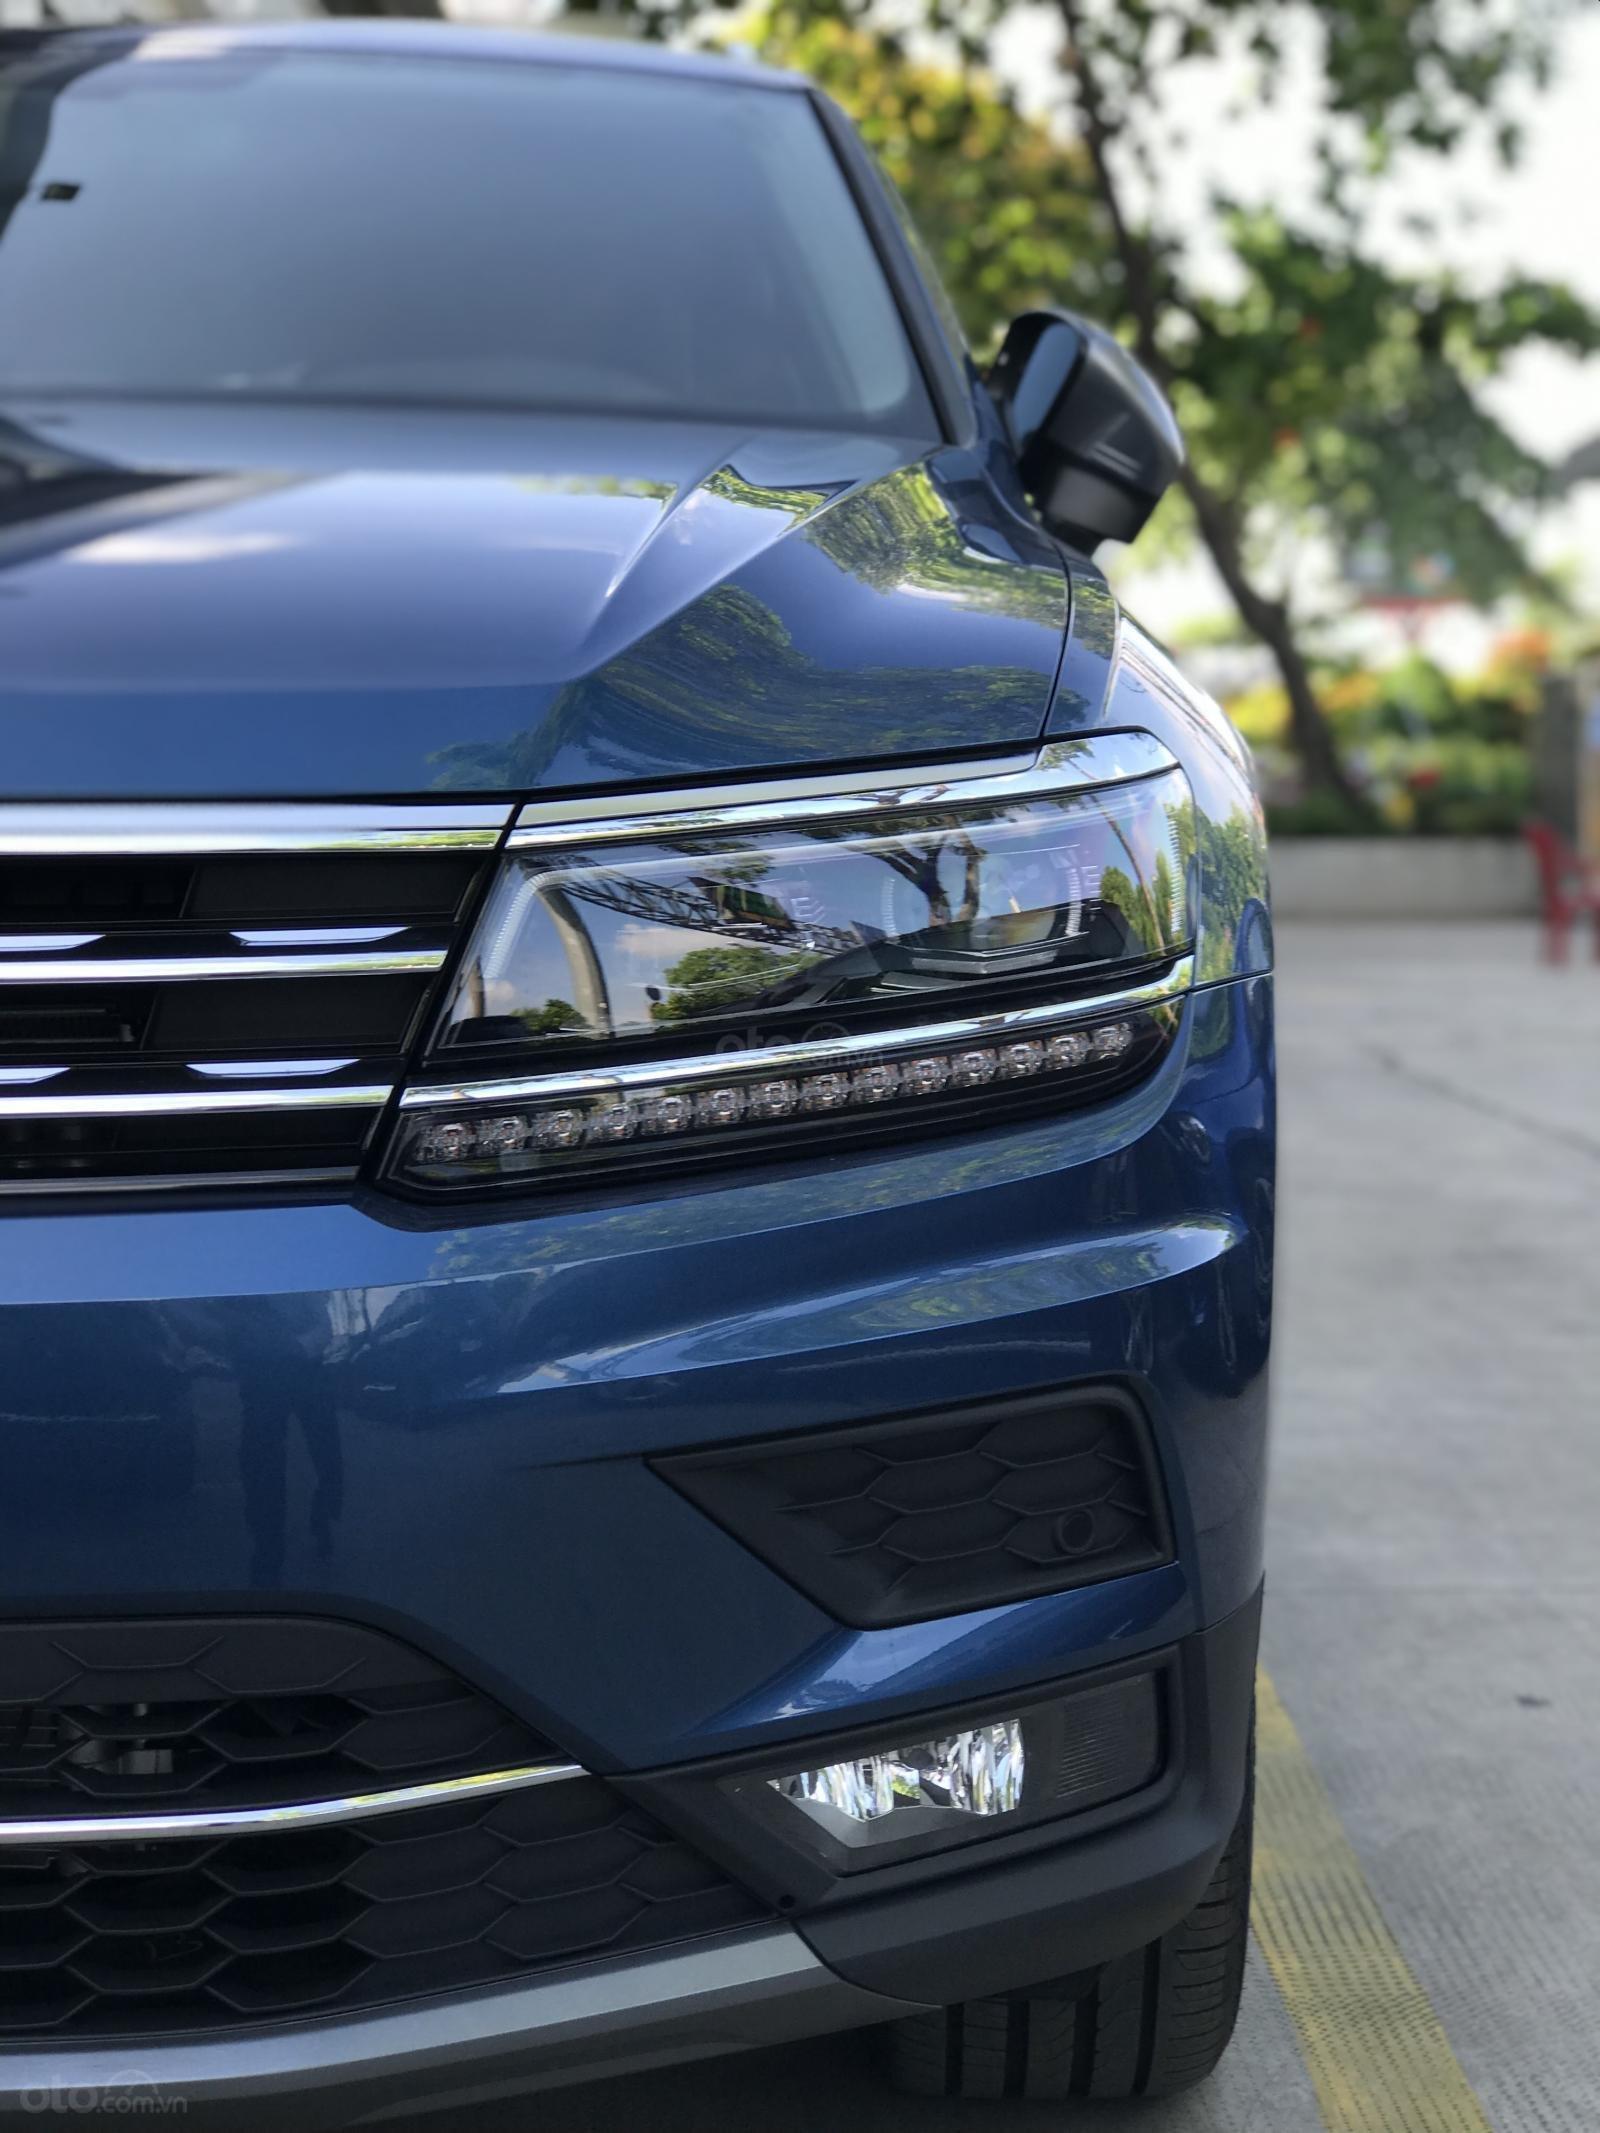 Volkswagen Tiguan Allspace - Xe Đức nhập khẩu - tháng 12 giảm giá sốc hơn 100 triệu kèm quà nhiều quà tặng giá trị (7)